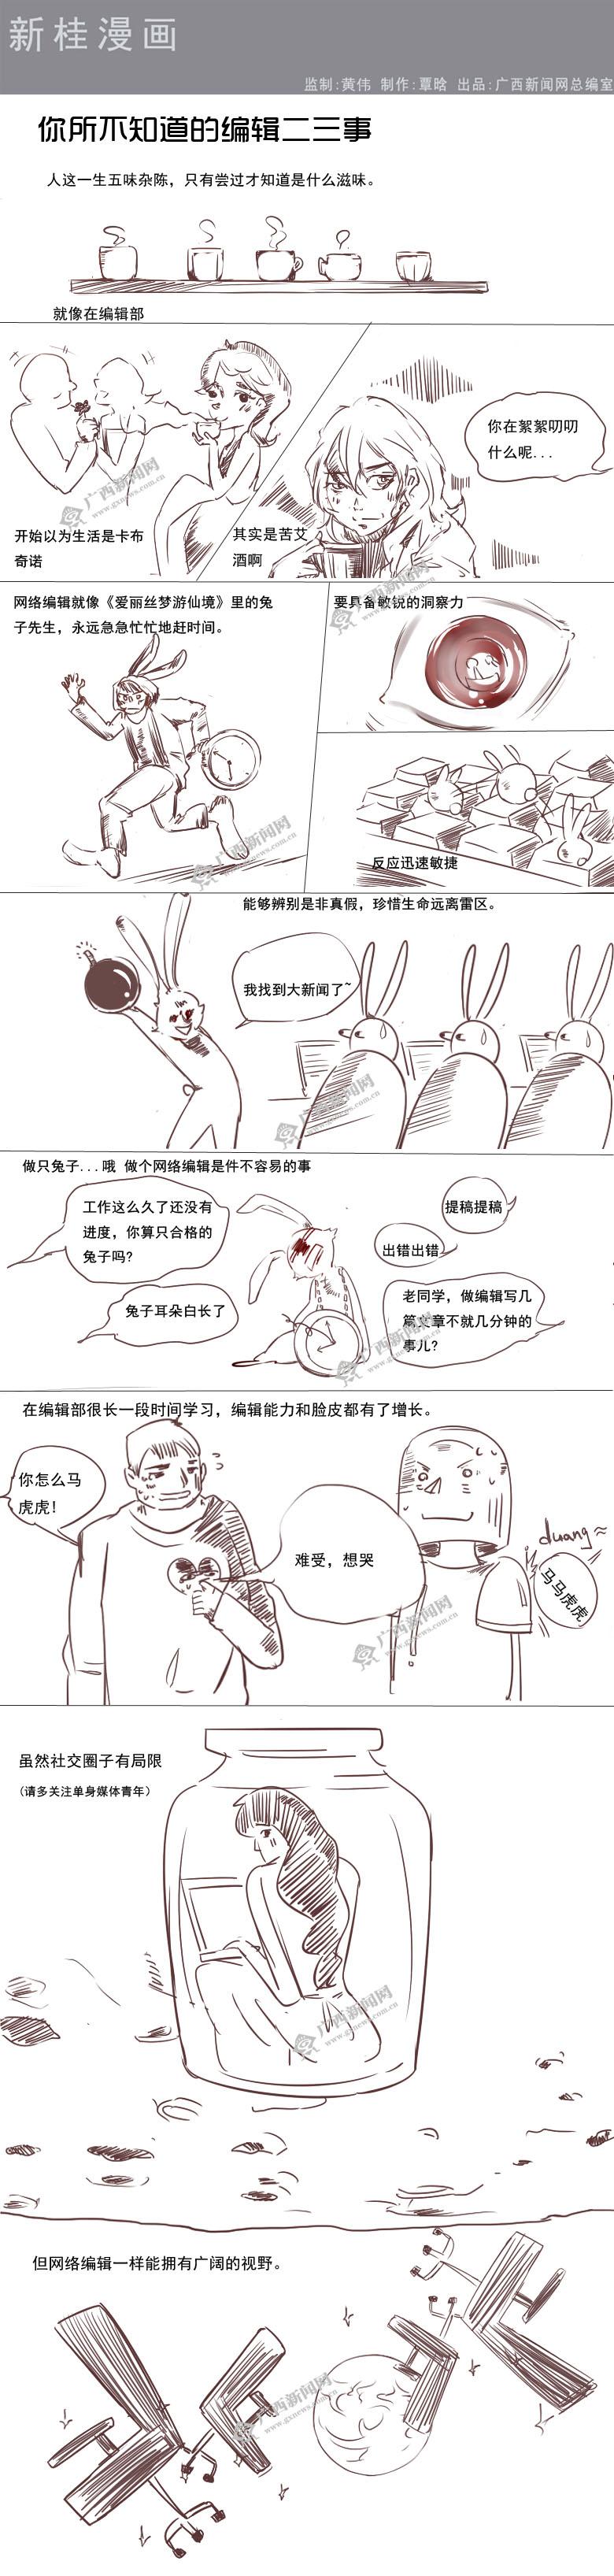 [新桂漫画]你所不知道的编辑二三事